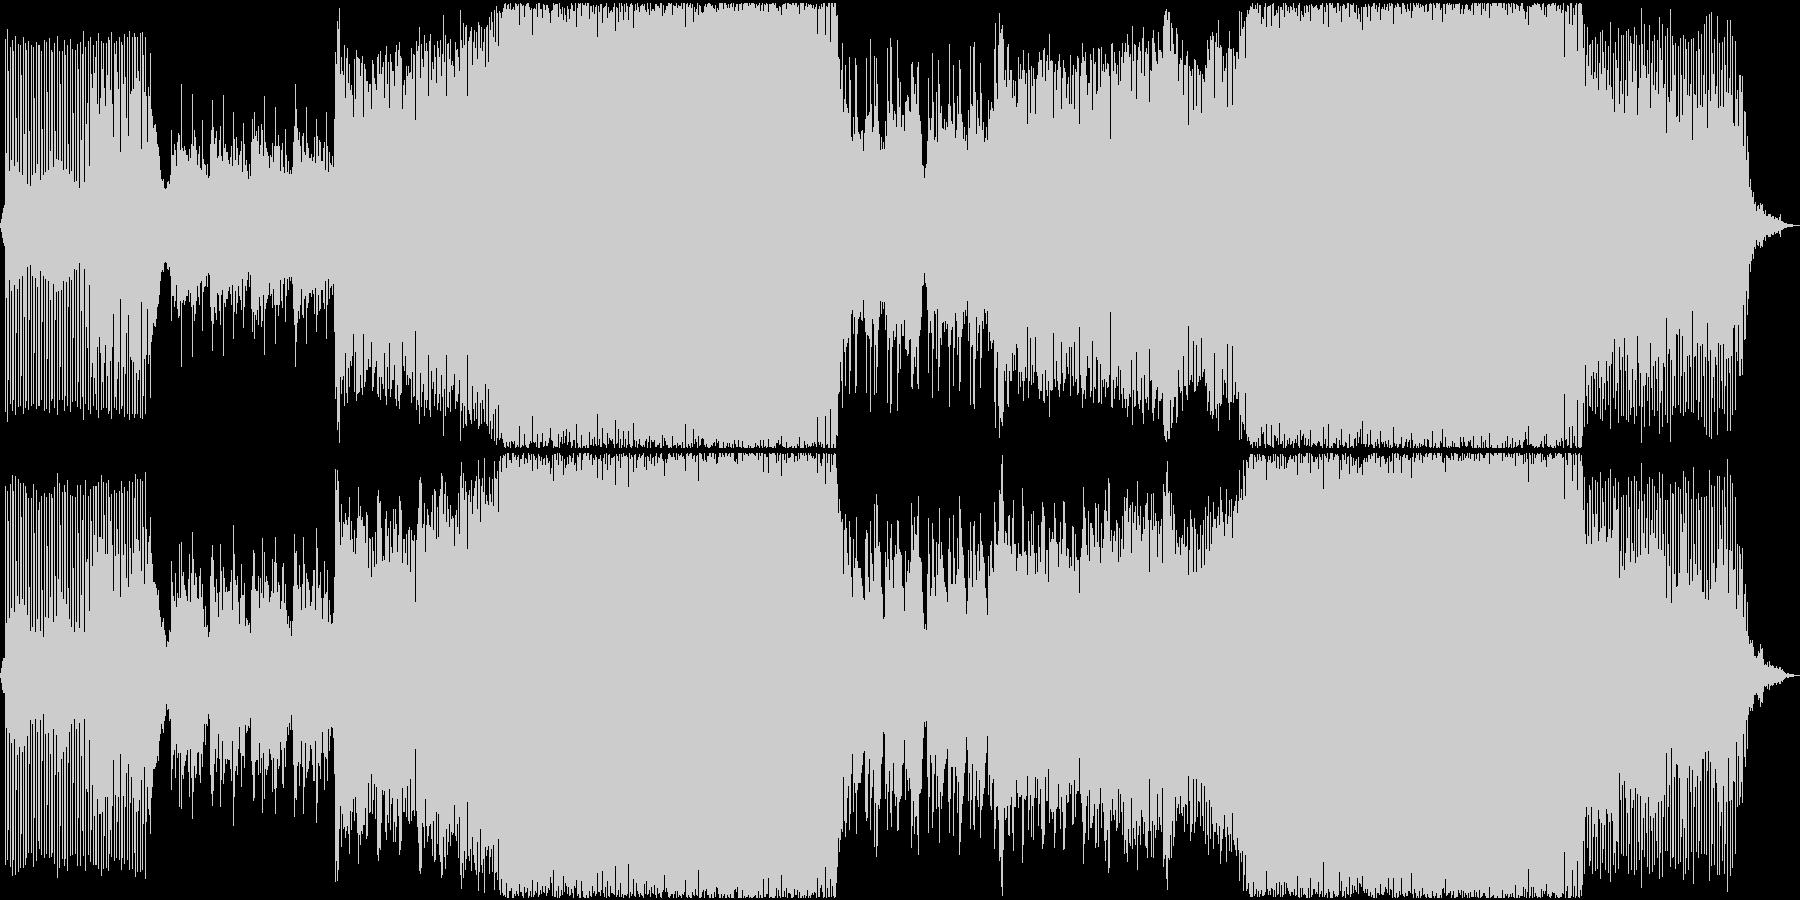 感動的で前向きな気持ちになれるEDMの未再生の波形